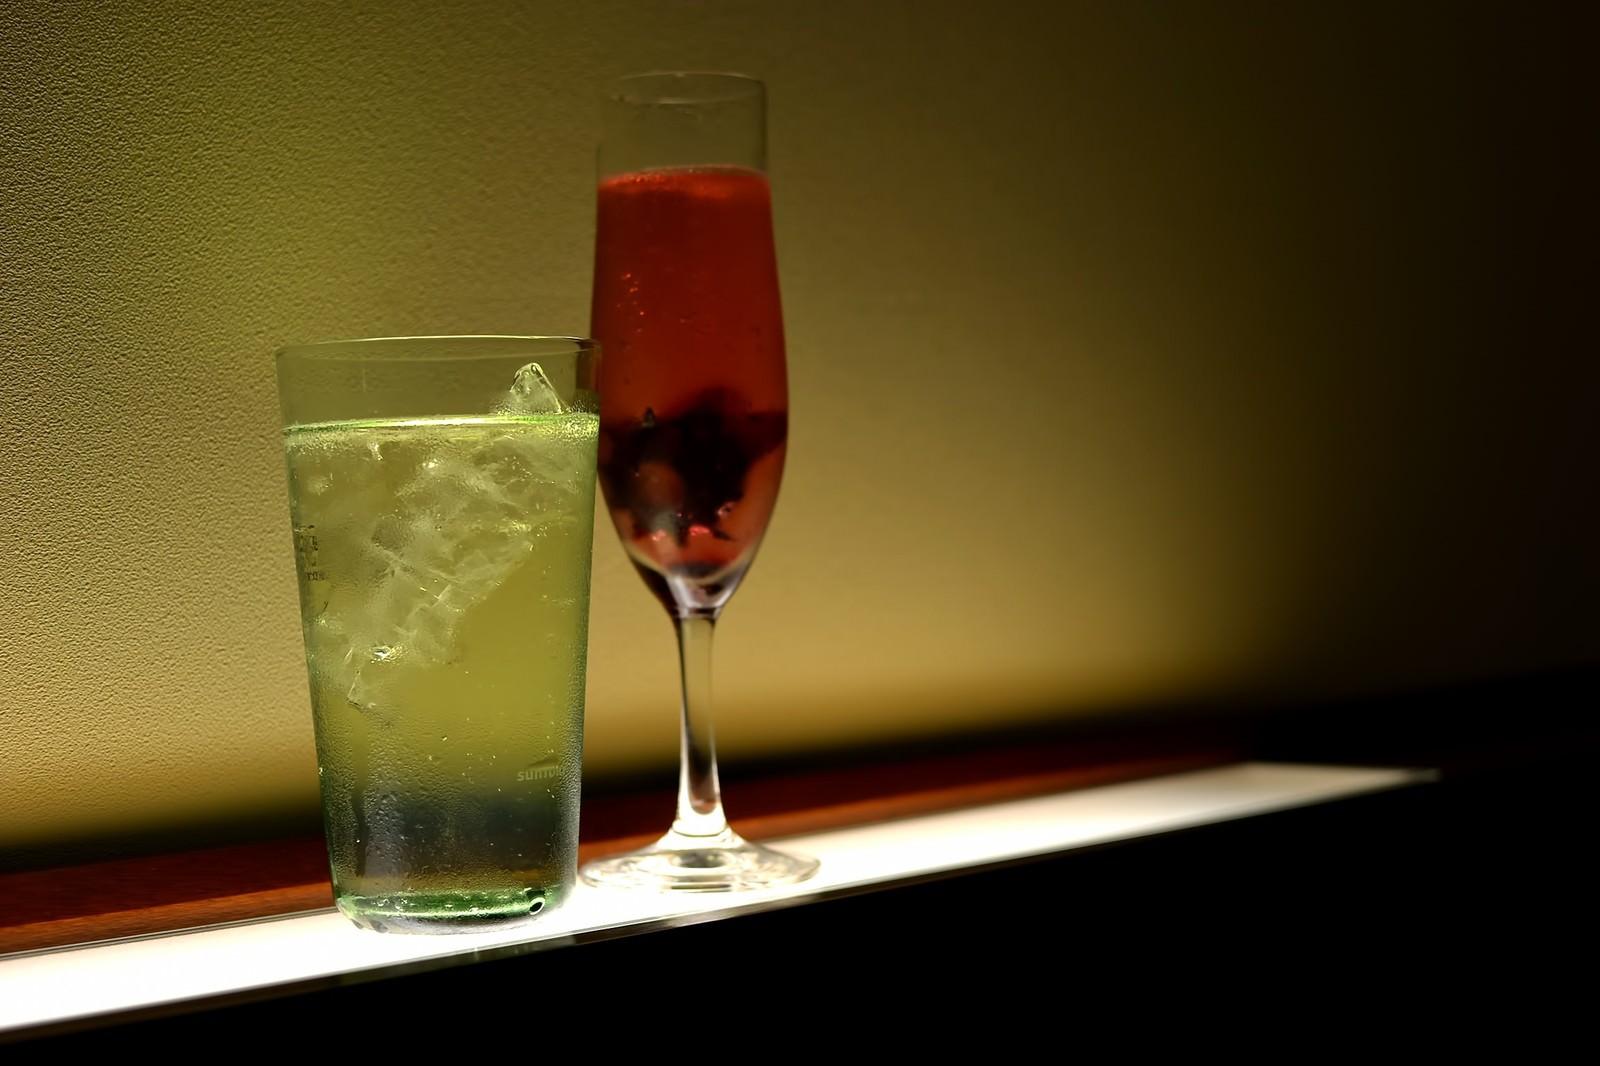 「シャンパンとグラス」の写真